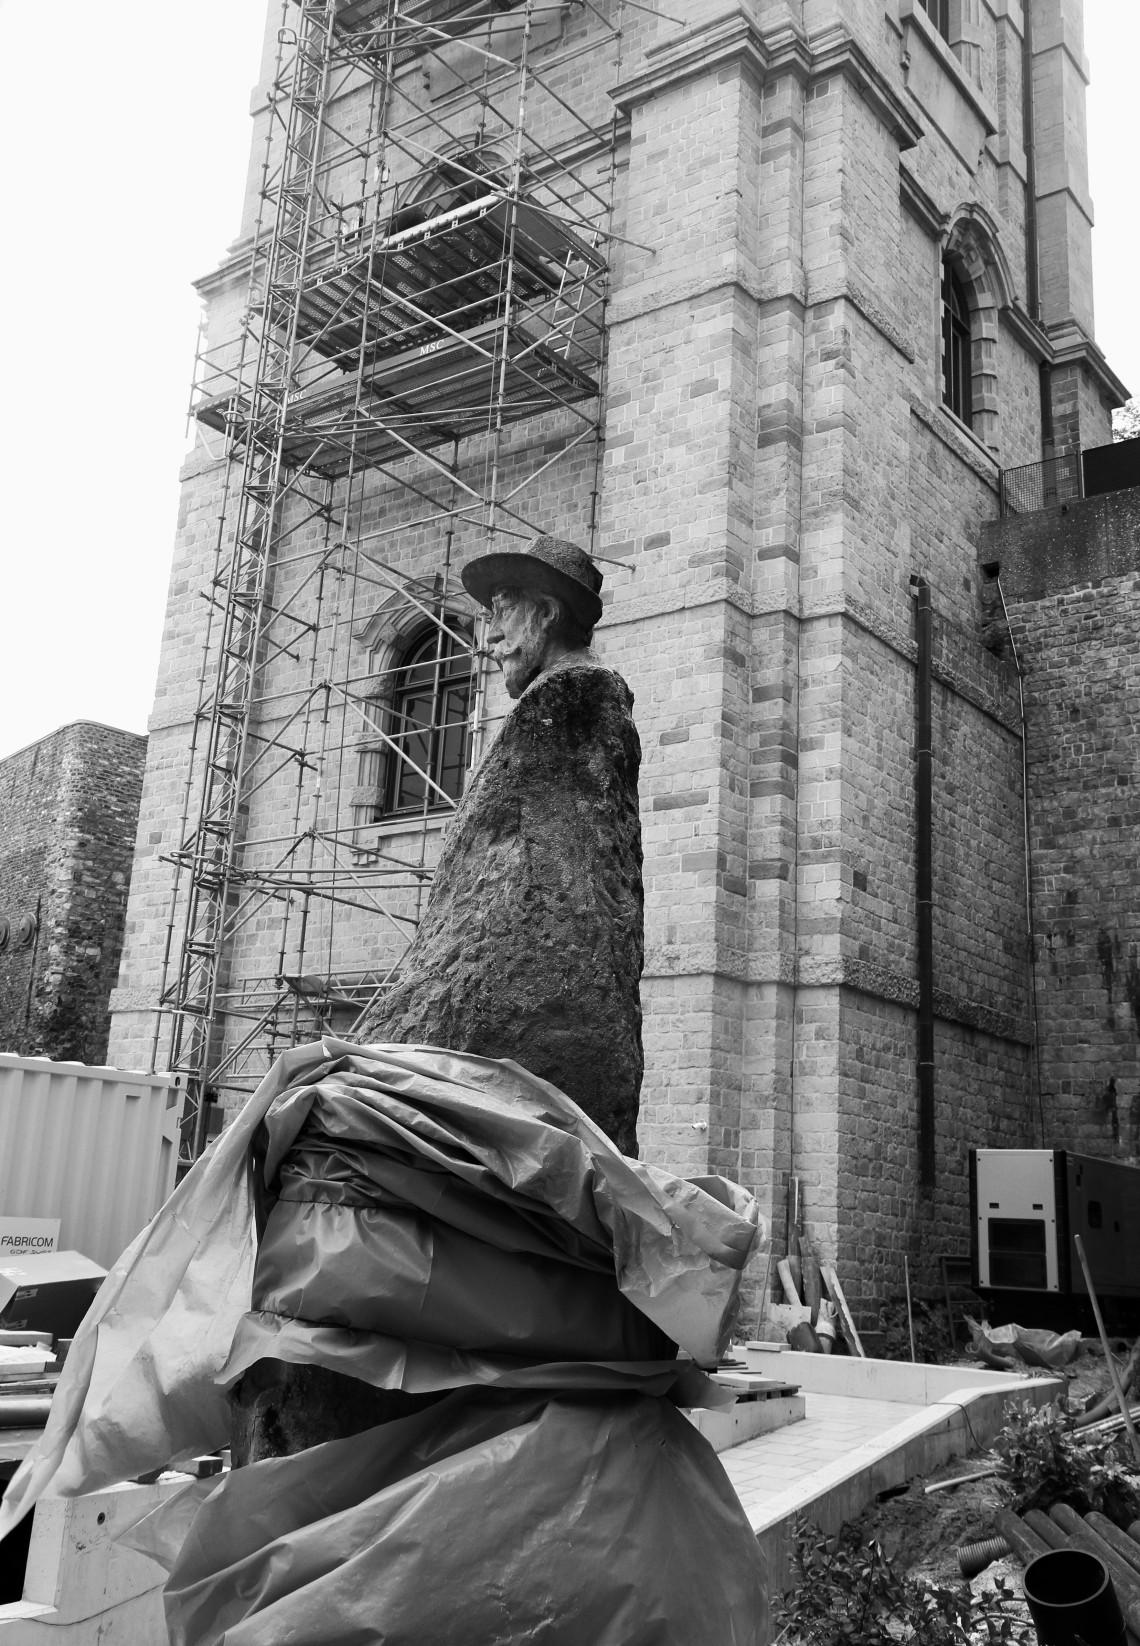 La statue d'Emile Vandervelde devant le beffroi. Mons, juin 2015. Photo : André Lange-Médart